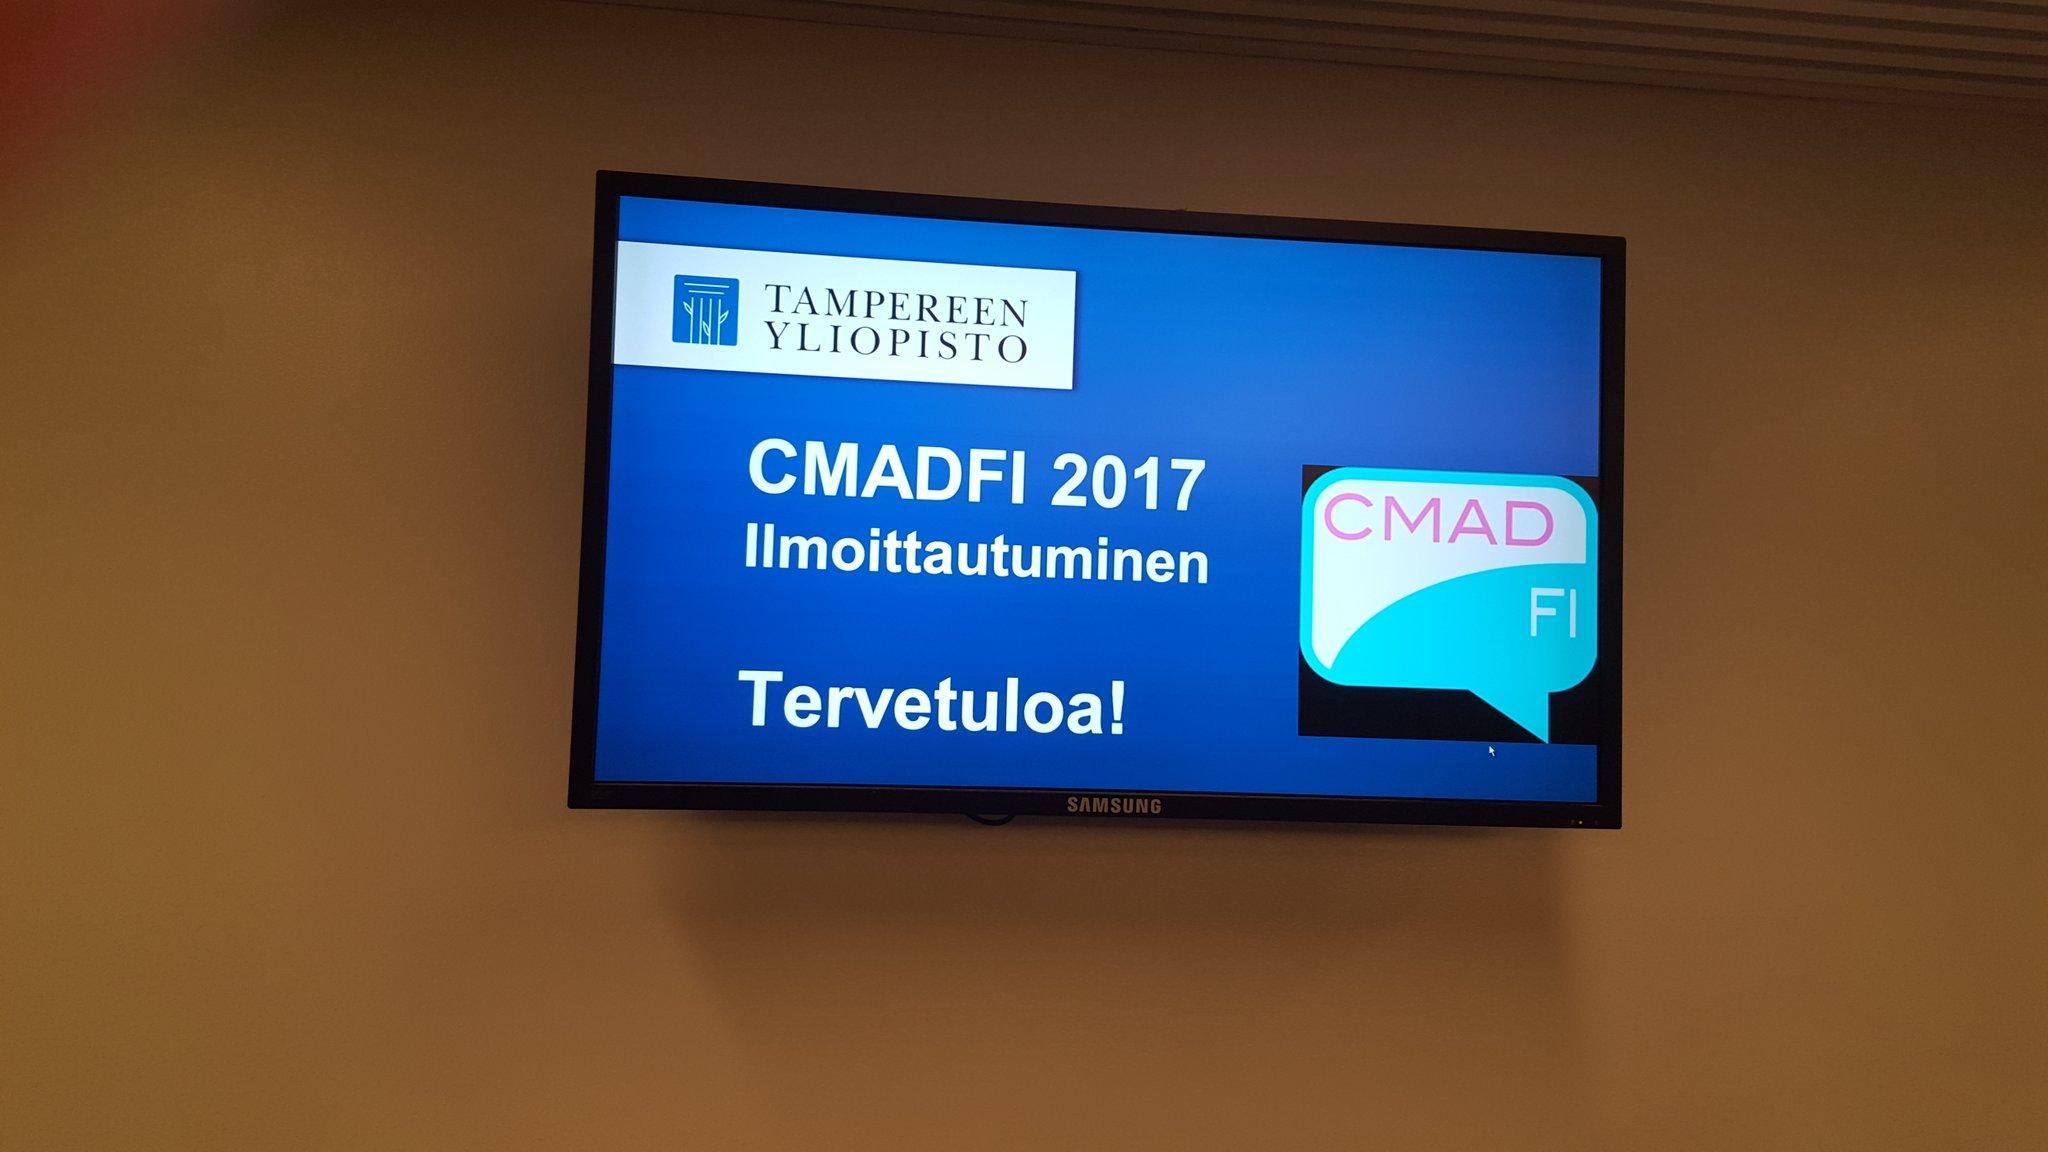 Thumbnail for #cmadfi 2017 Twitterissä